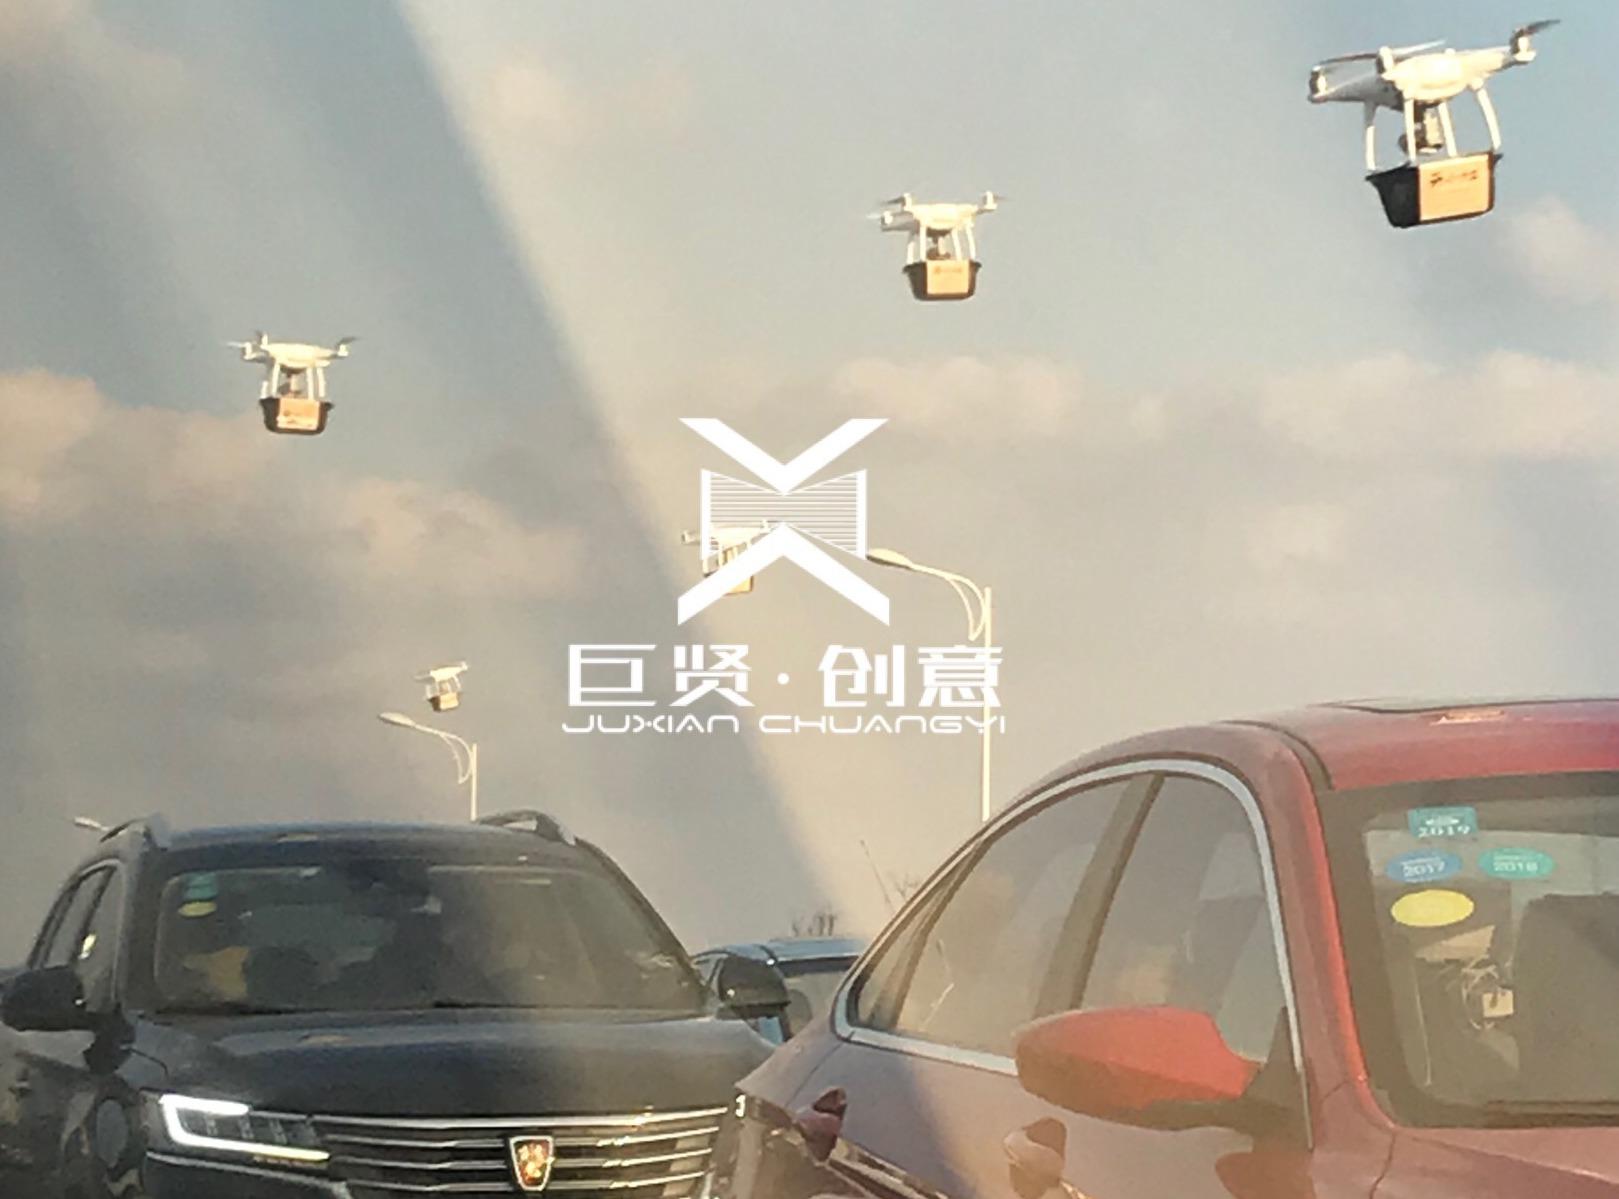 上海 ▪ 滴水湖 ▪ 集群无人机悬挂